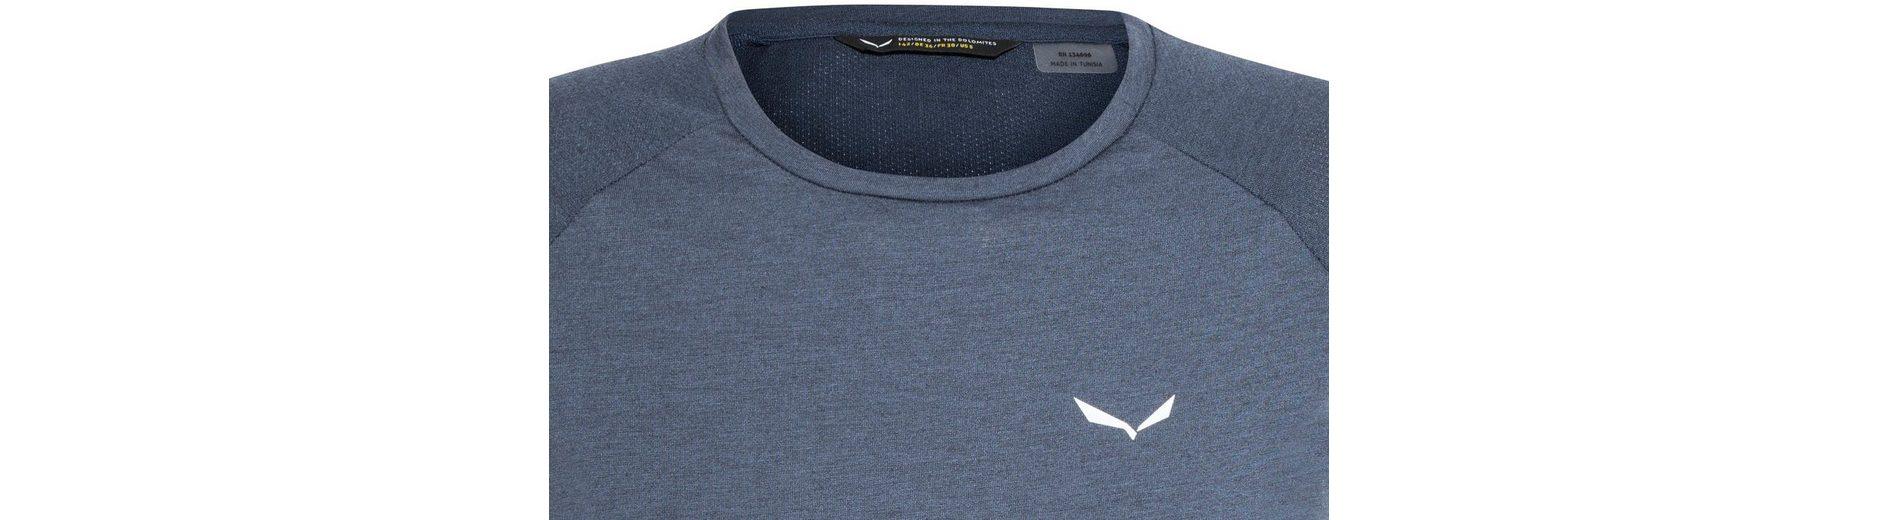 Salewa Shirt Fanes Dri-Rel L/S Tee Women Verkauf Für Schön Erschwinglicher Verkauf Online Eastbay Günstig Online Zuverlässig q5GDos